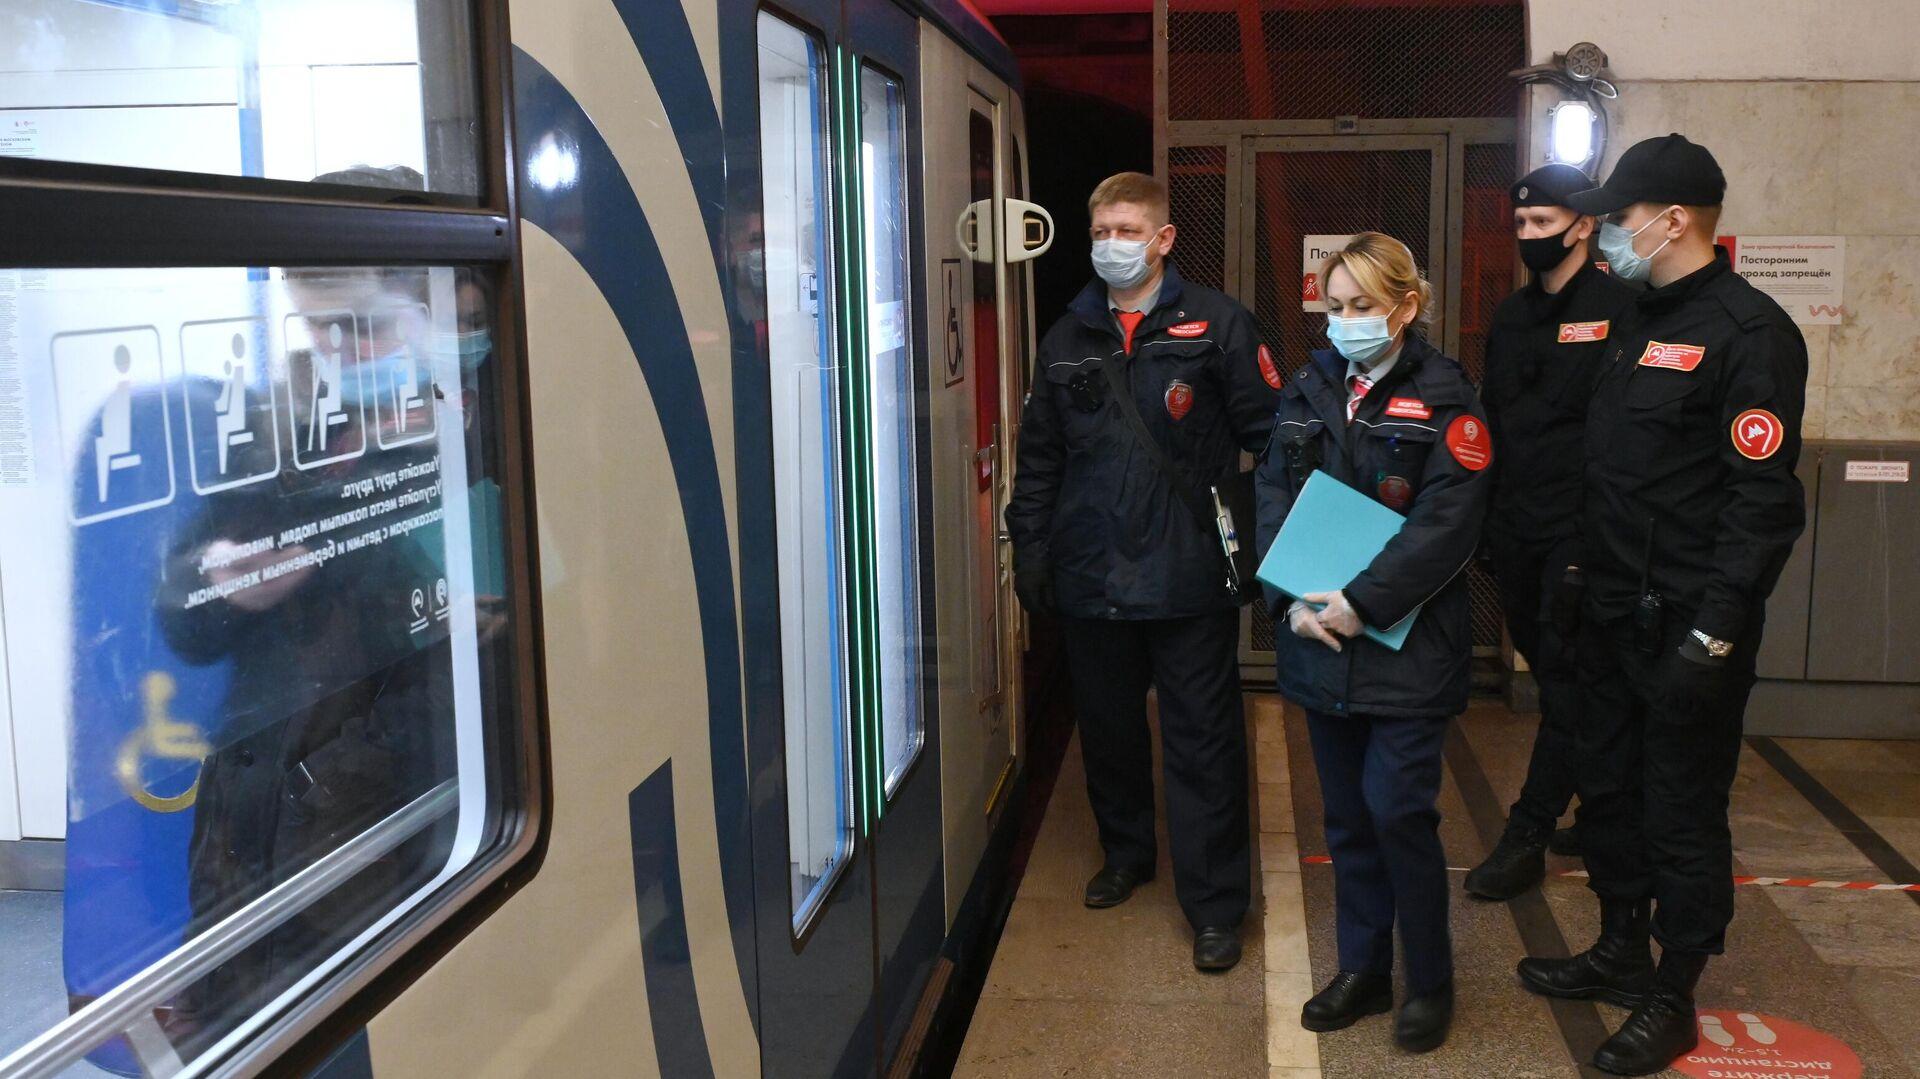 Москва бьет рекорды позаболеваемости COVID-19. Вгороде объявили неделю выходных